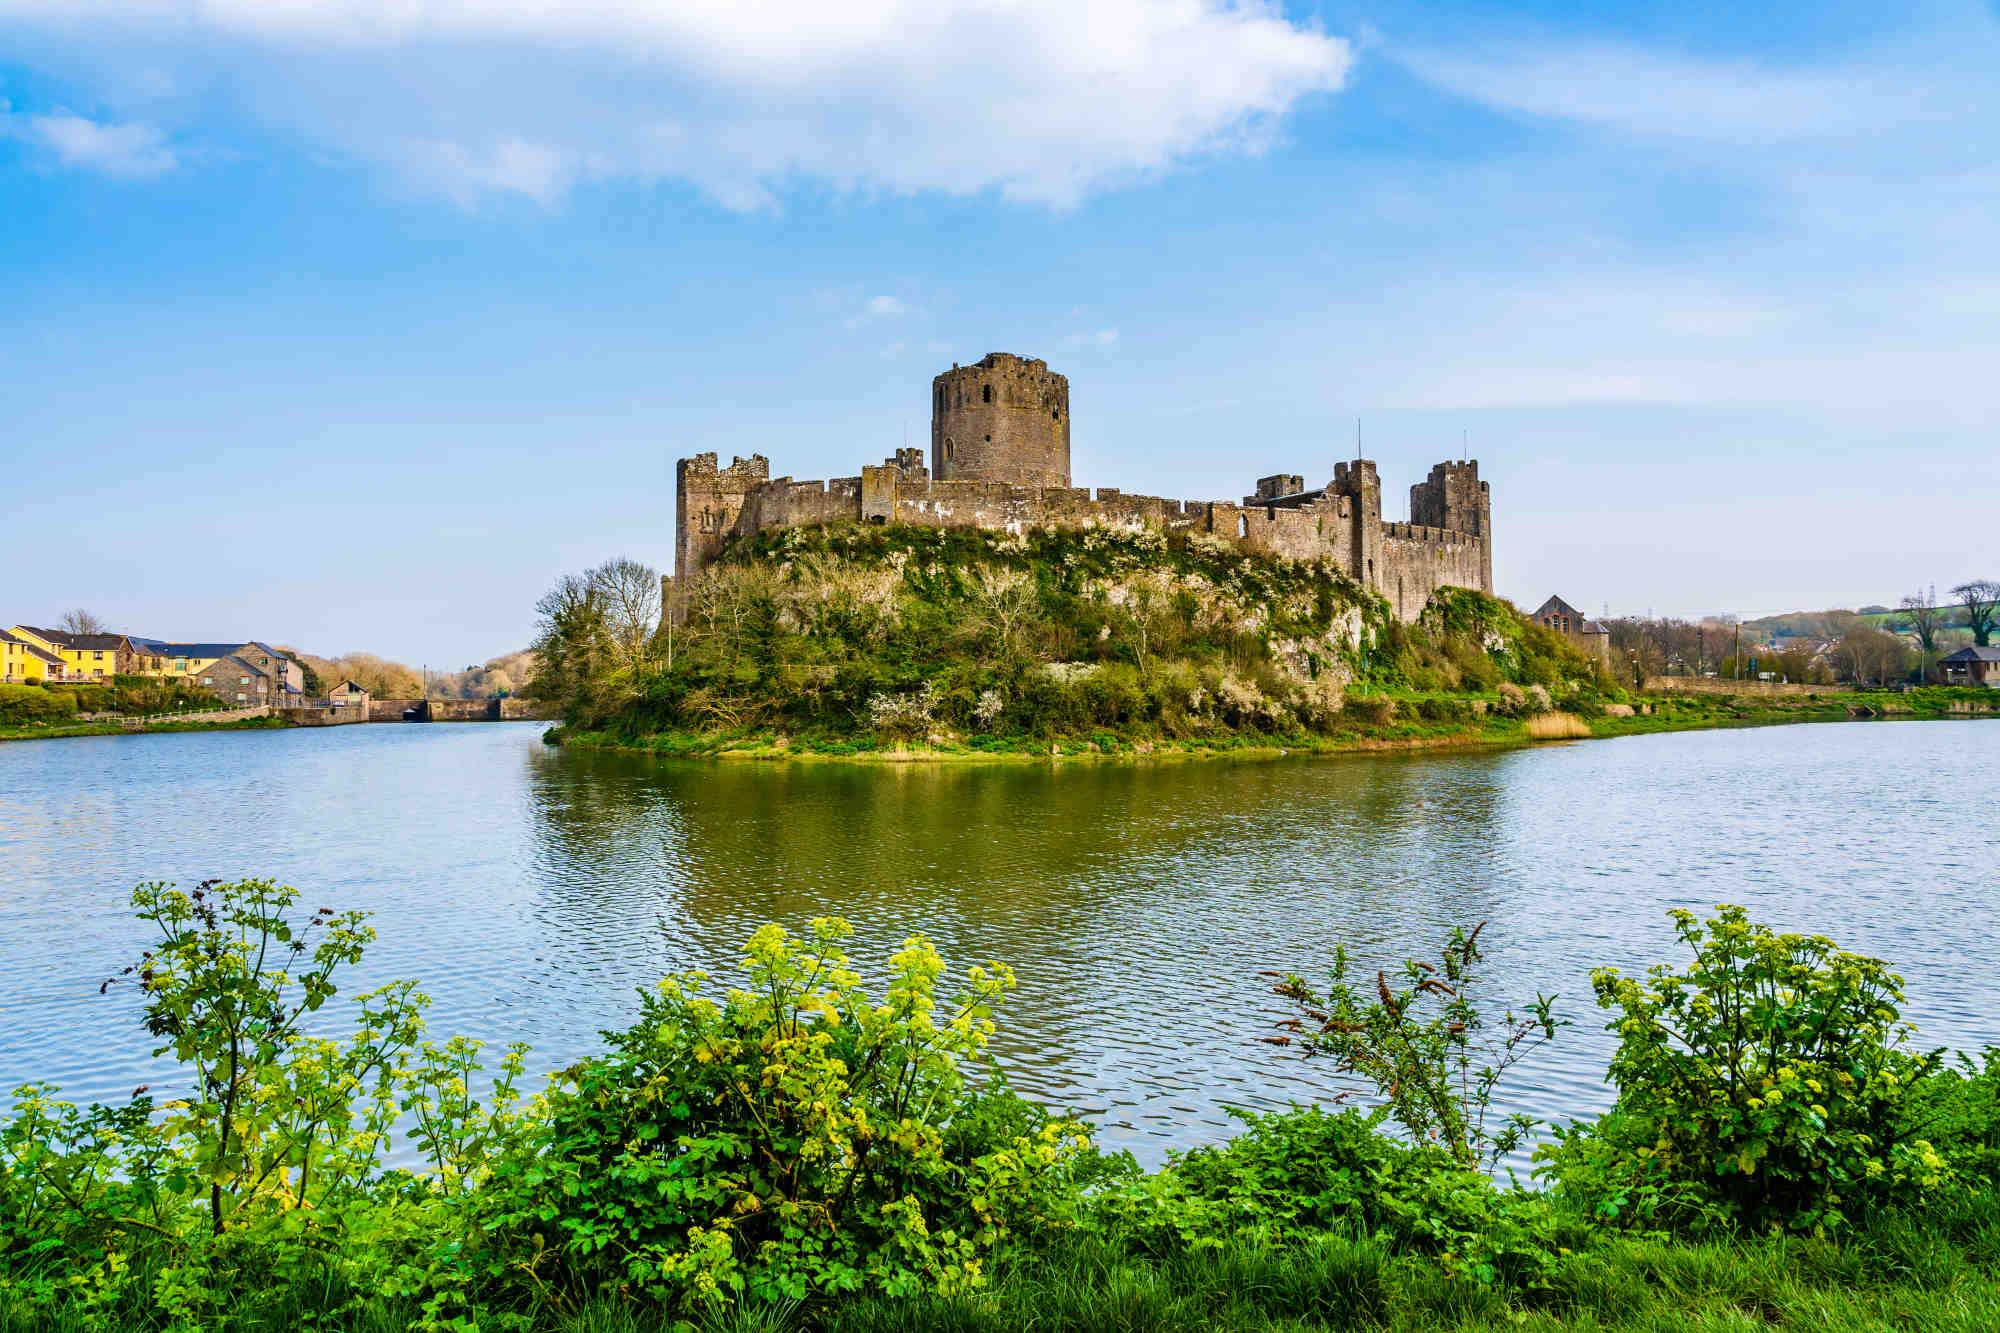 Pembroke Castle surrounded by a lake in Pembroke, Wales, UK